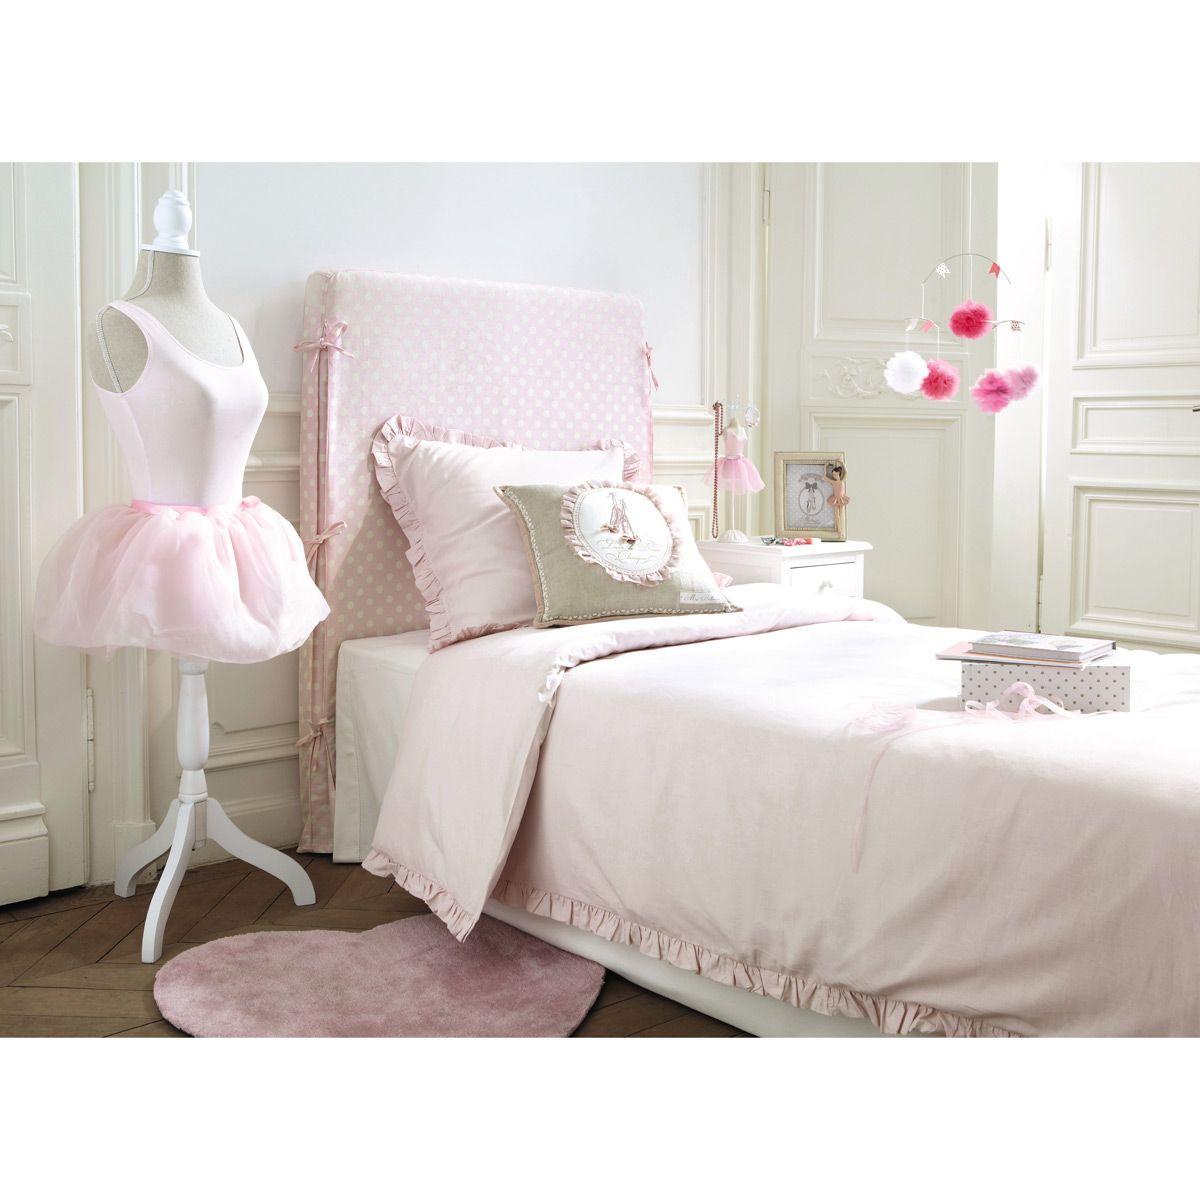 Mannequin couture tutu danseuse | Chambre Camille | Pinterest ...